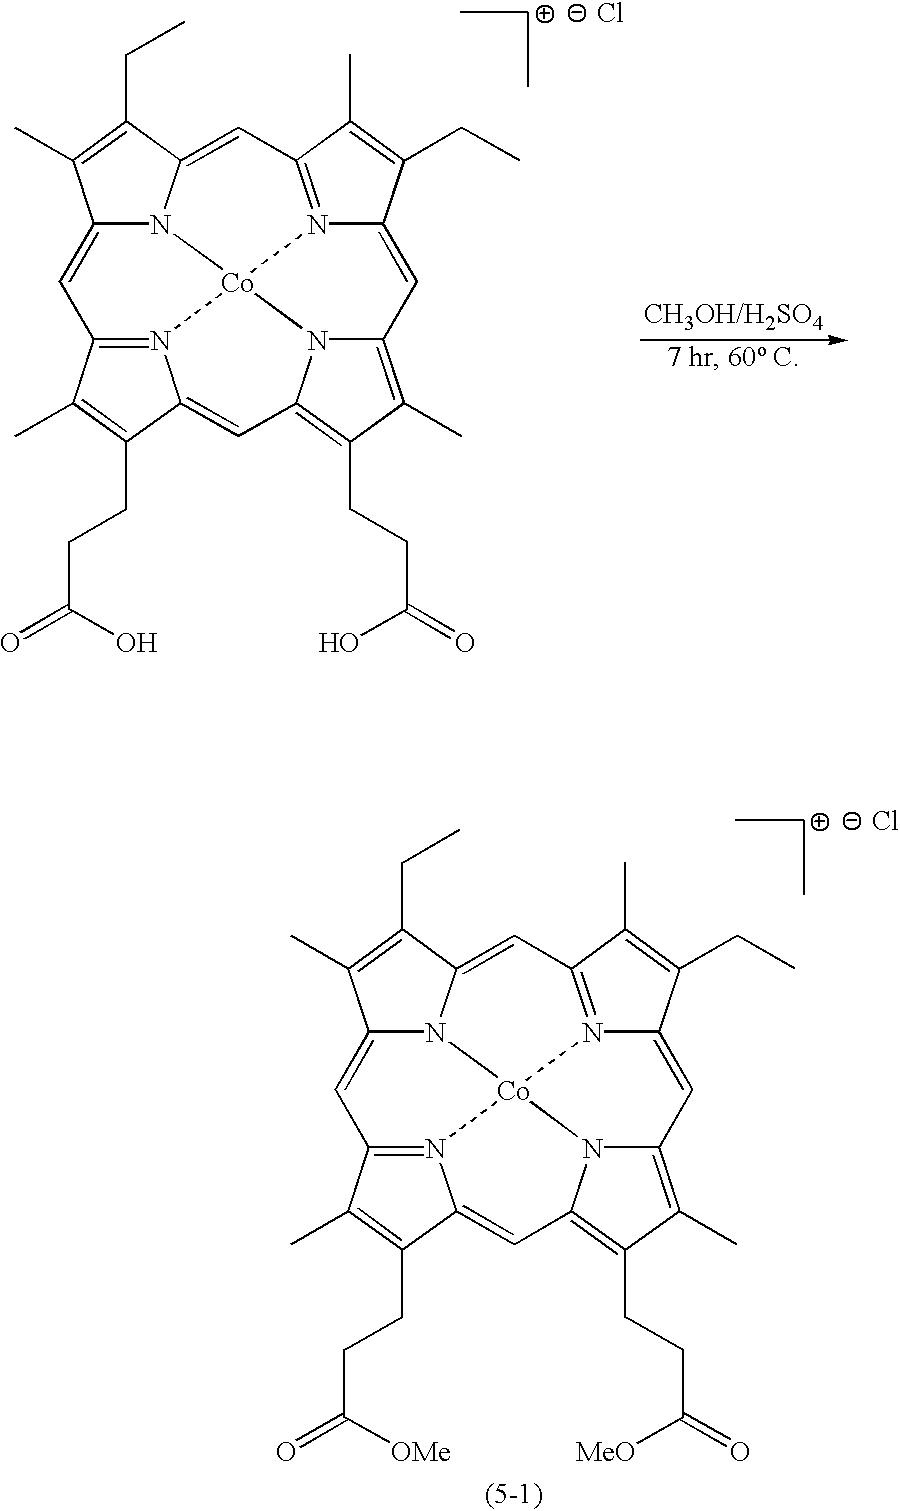 Figure US20020165216A1-20021107-C00016